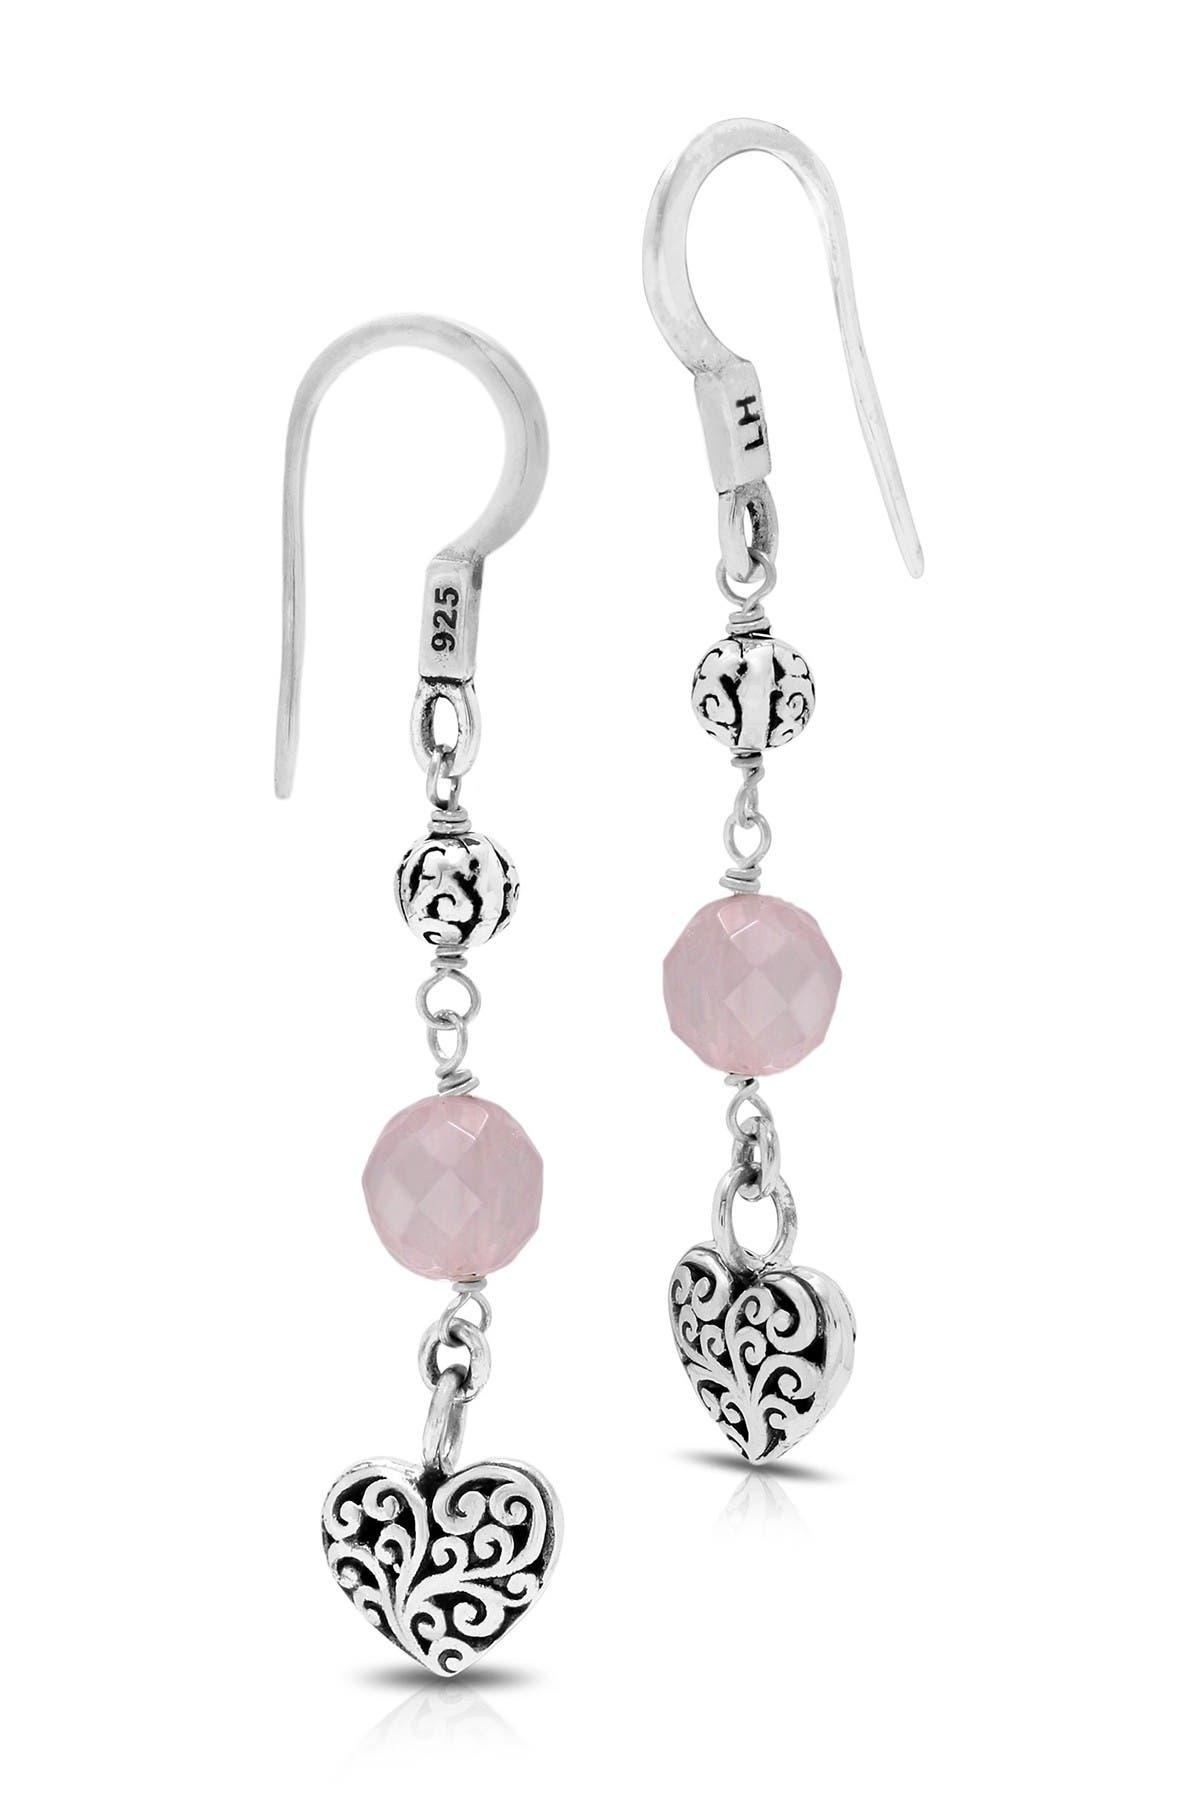 Lois Hill Sterling Silver & Rose Quartz Beaded Heart Drop Earrings